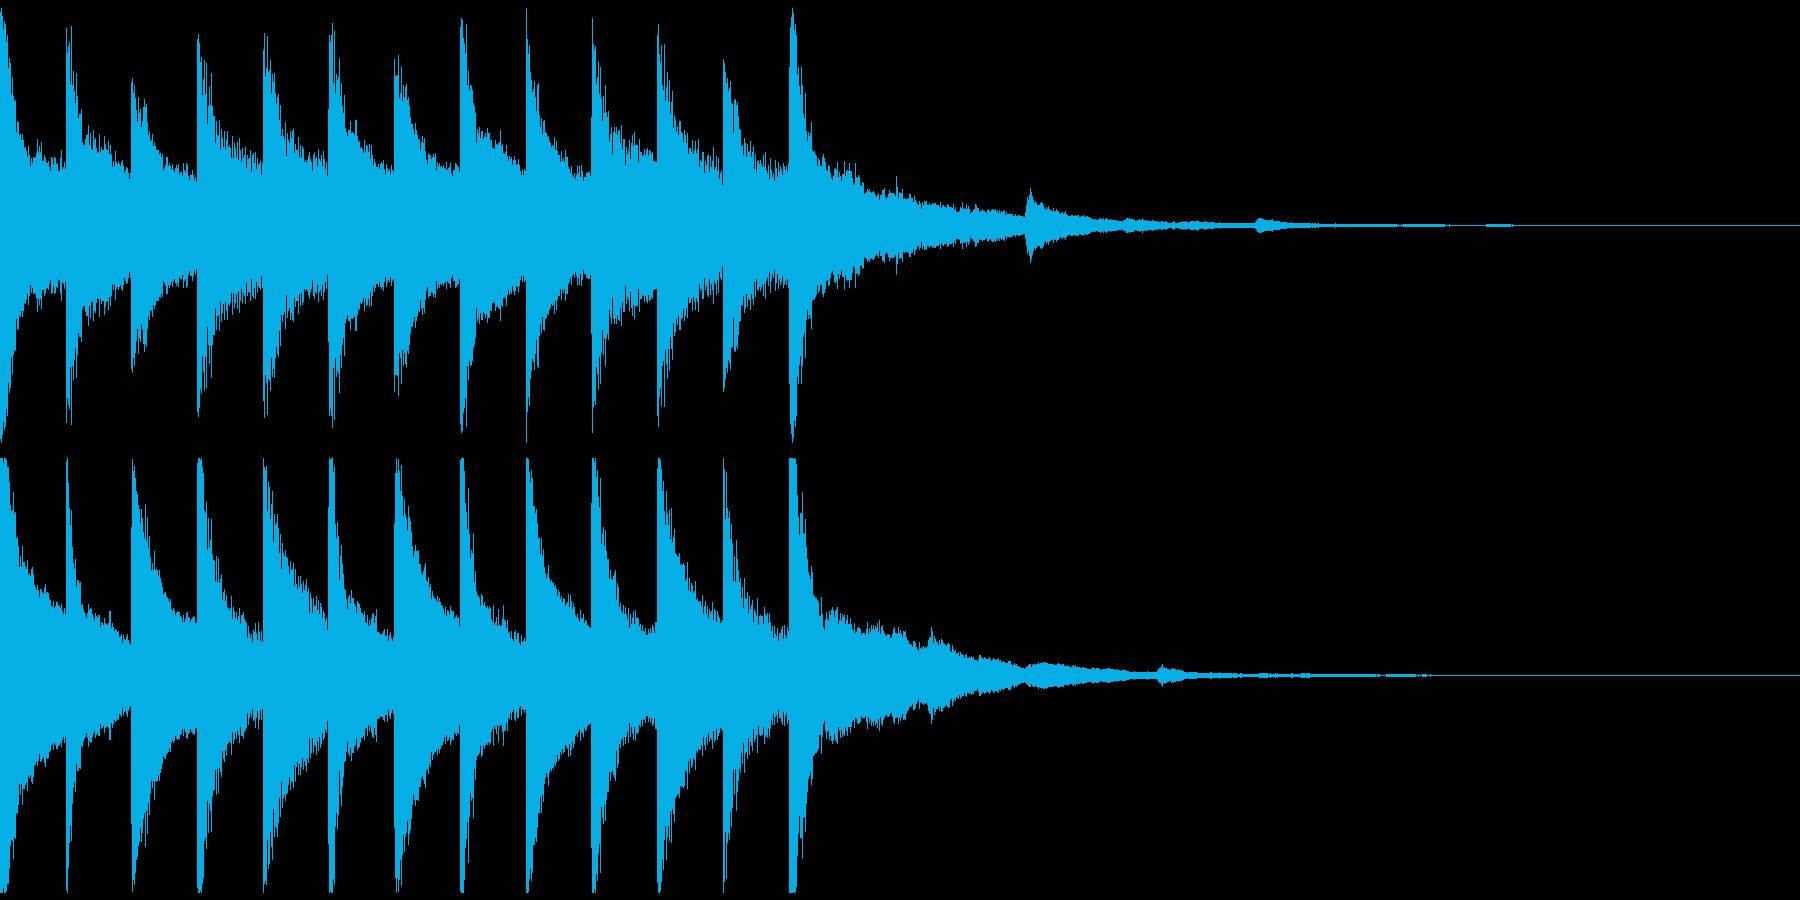 サウンドロゴ、ゴージャス感、verEの再生済みの波形